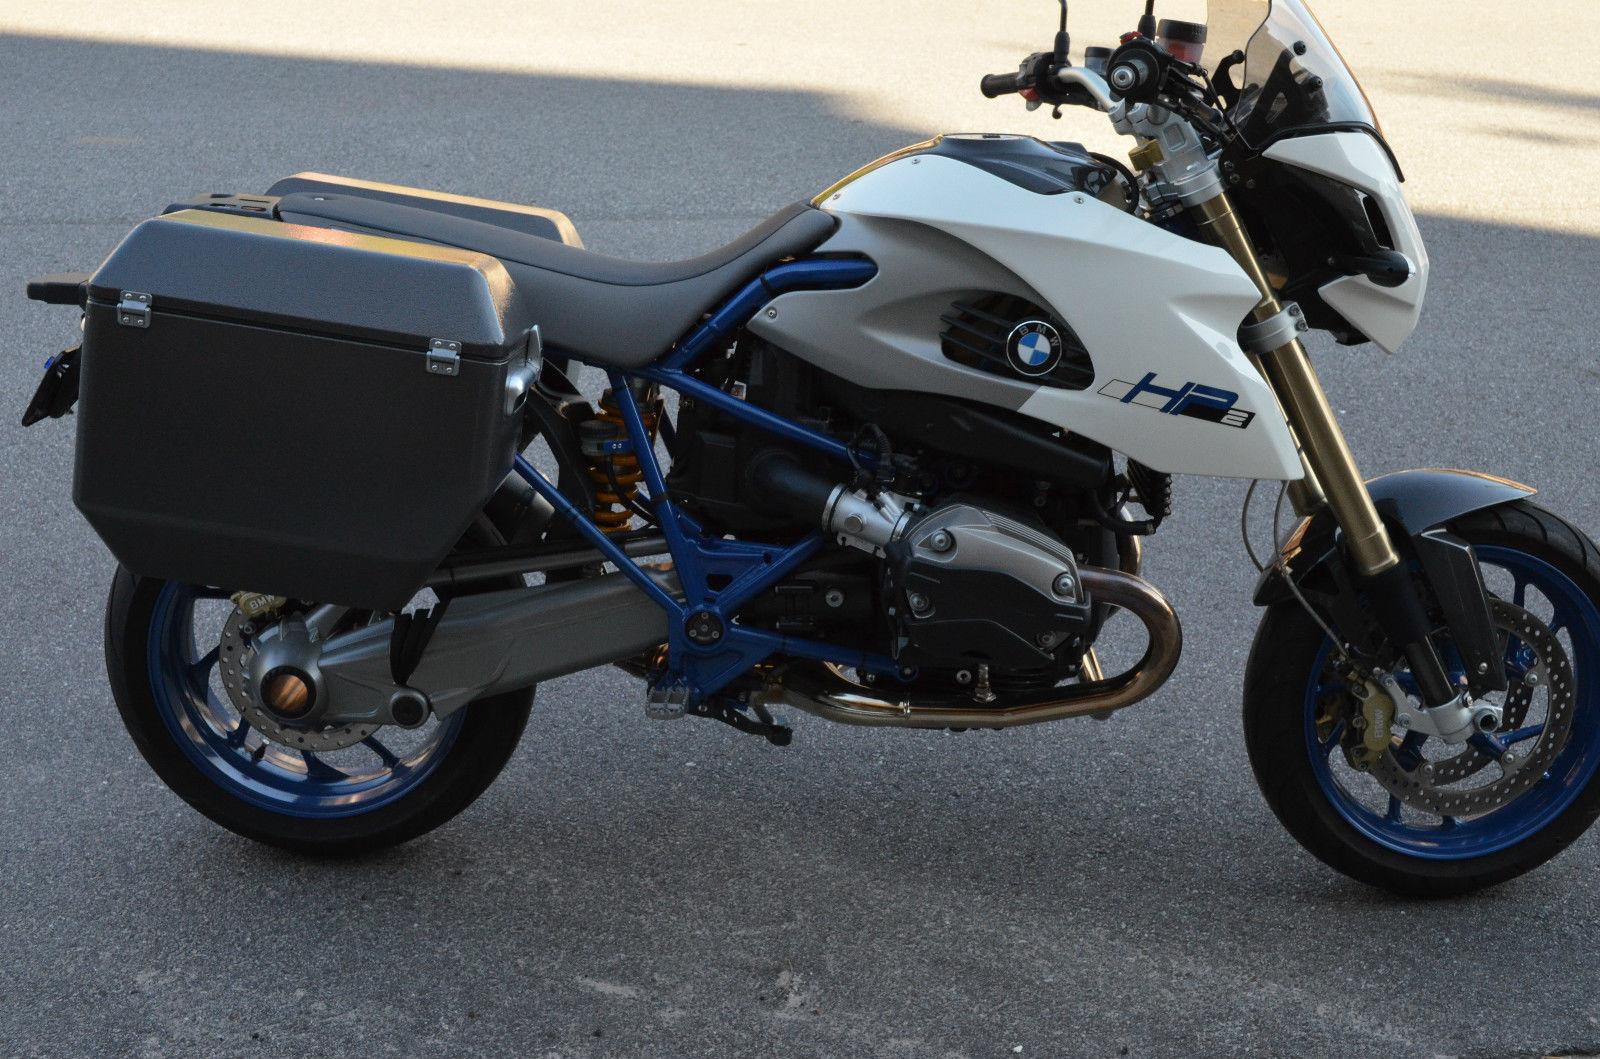 2008 bmw hp2 megamoto motorcycle outstanding